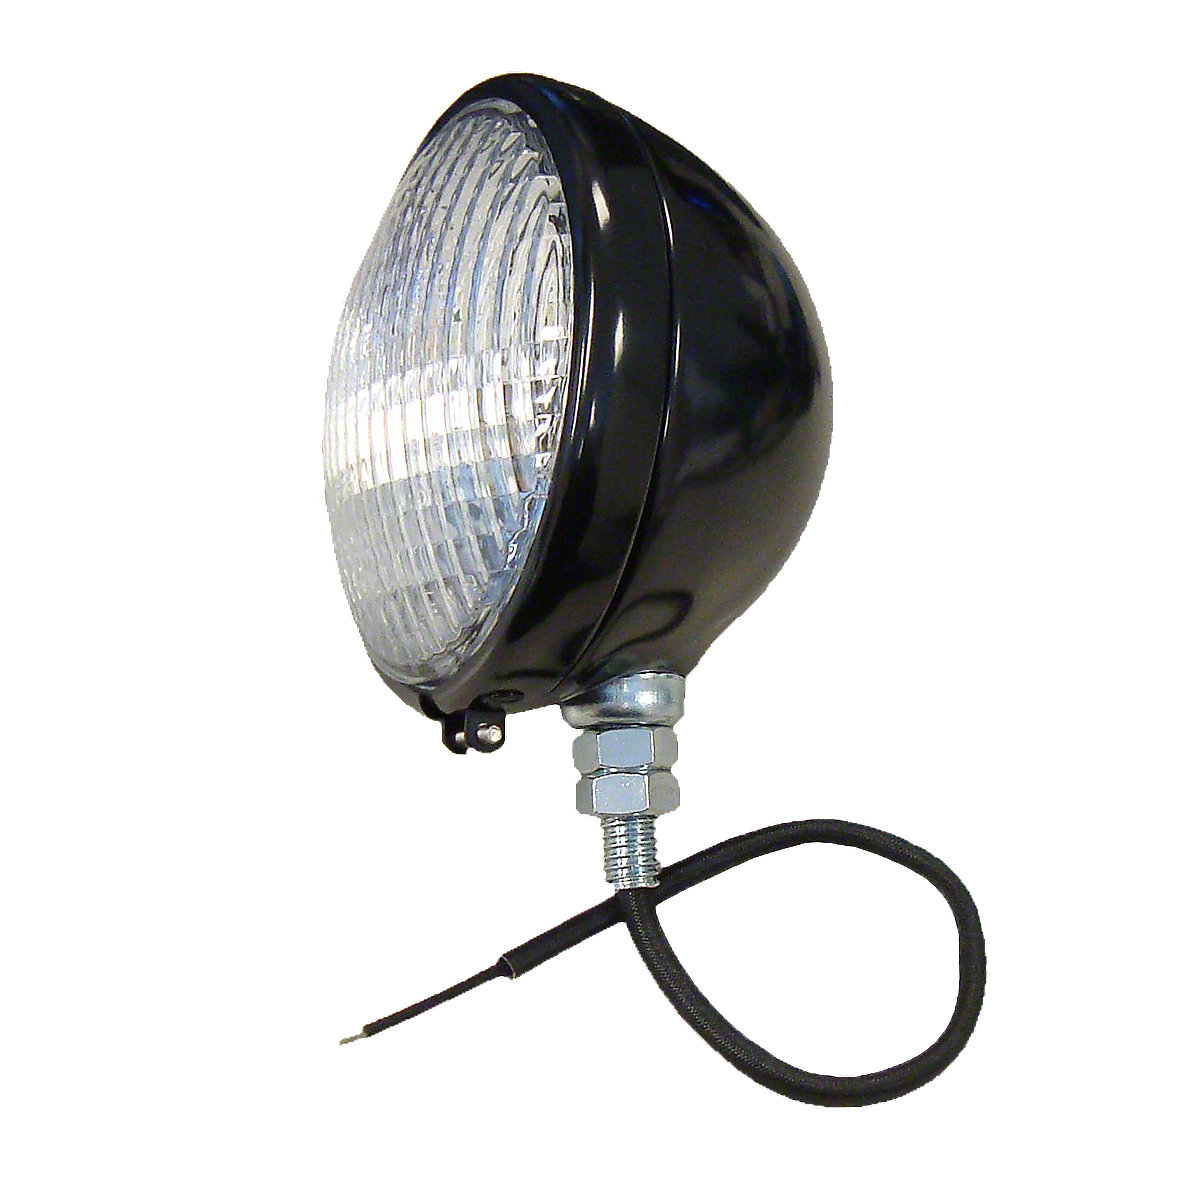 6 Volt Headlight For Allis Chalmers: B, C, CA, IB, IU, U, UC.